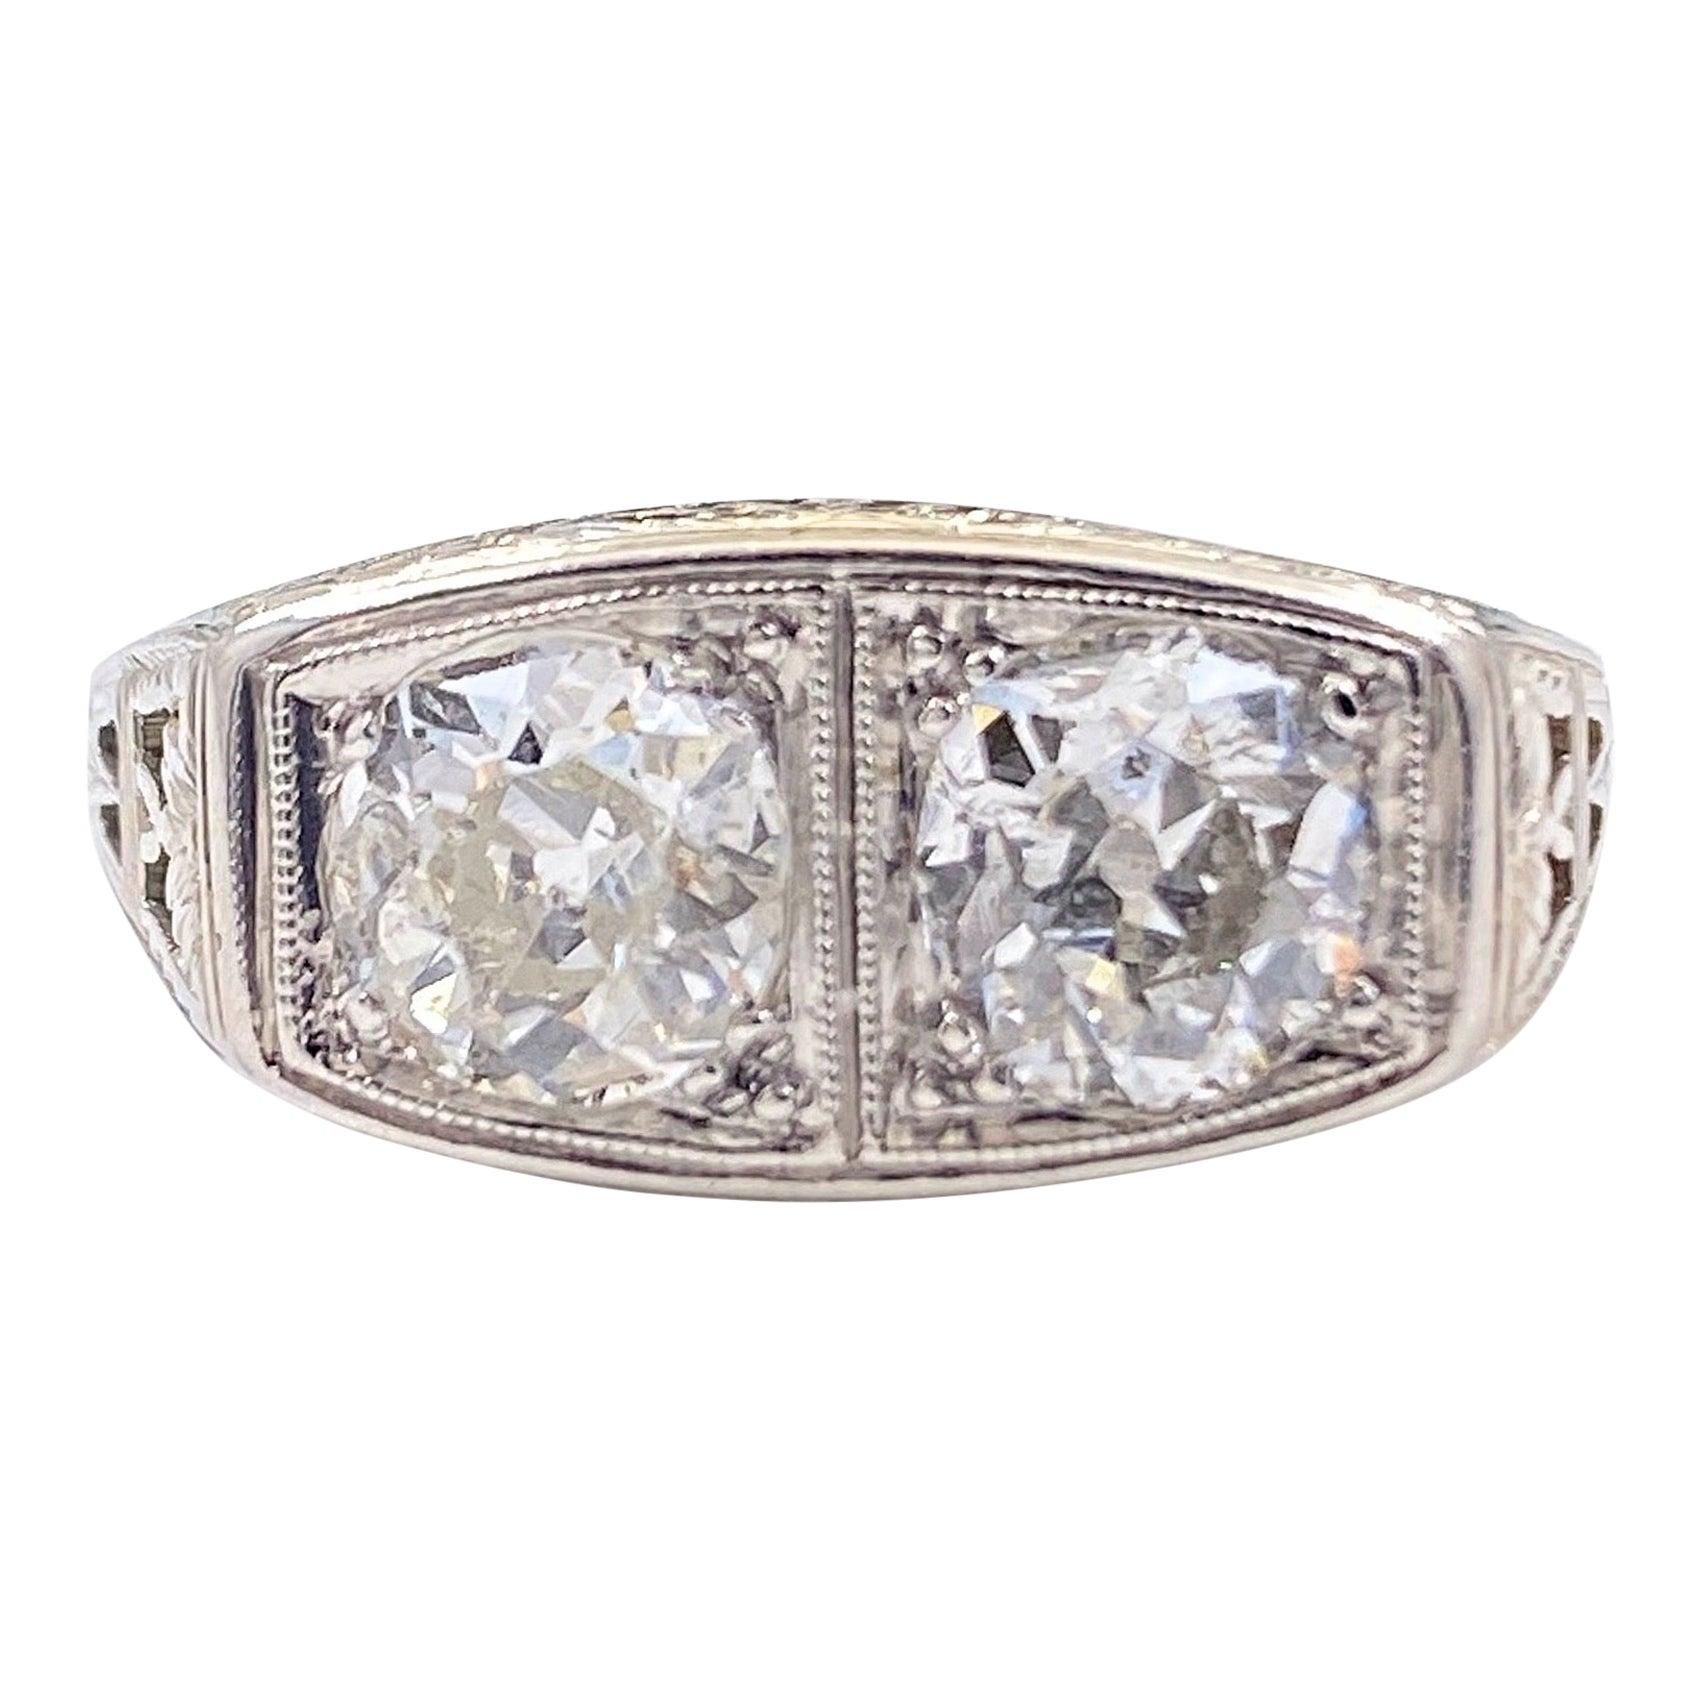 Antique Art Nouveau Diamond Ring 1.25 Carat Old Mine Cut 18 Karat White Gold